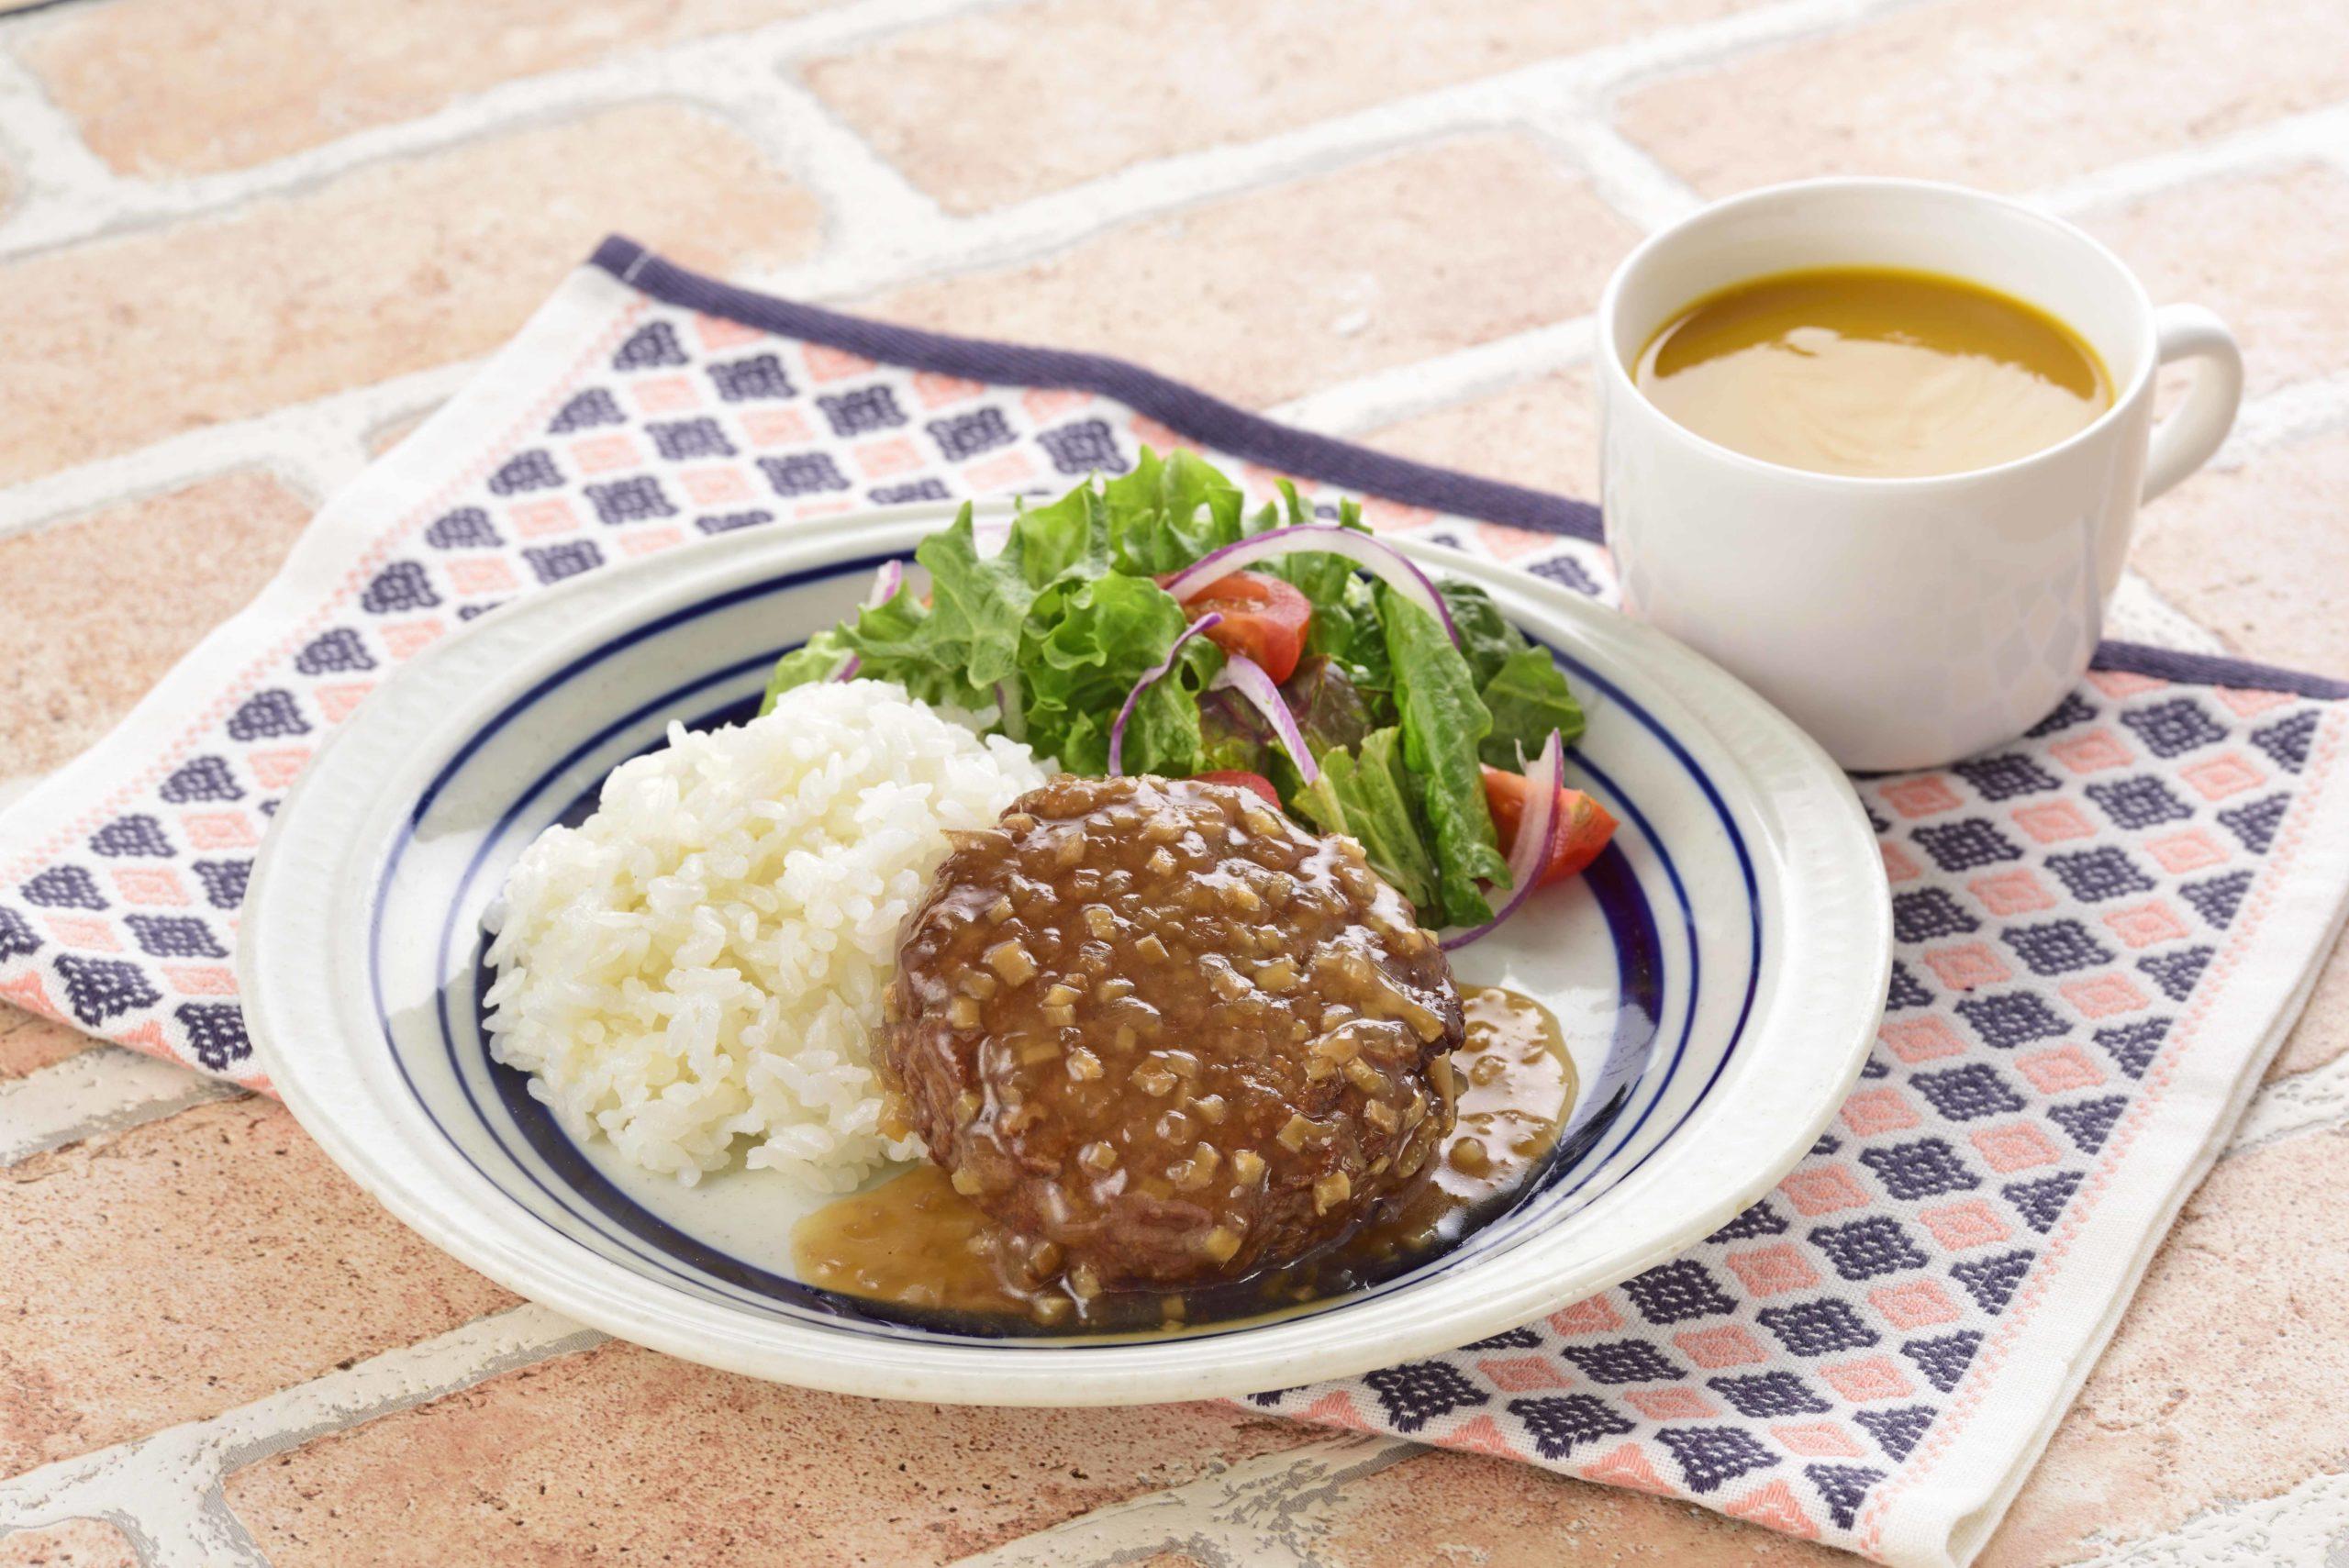 みじょっ子島生姜ハンバーグ ジンジャーソース 食卓イメージ